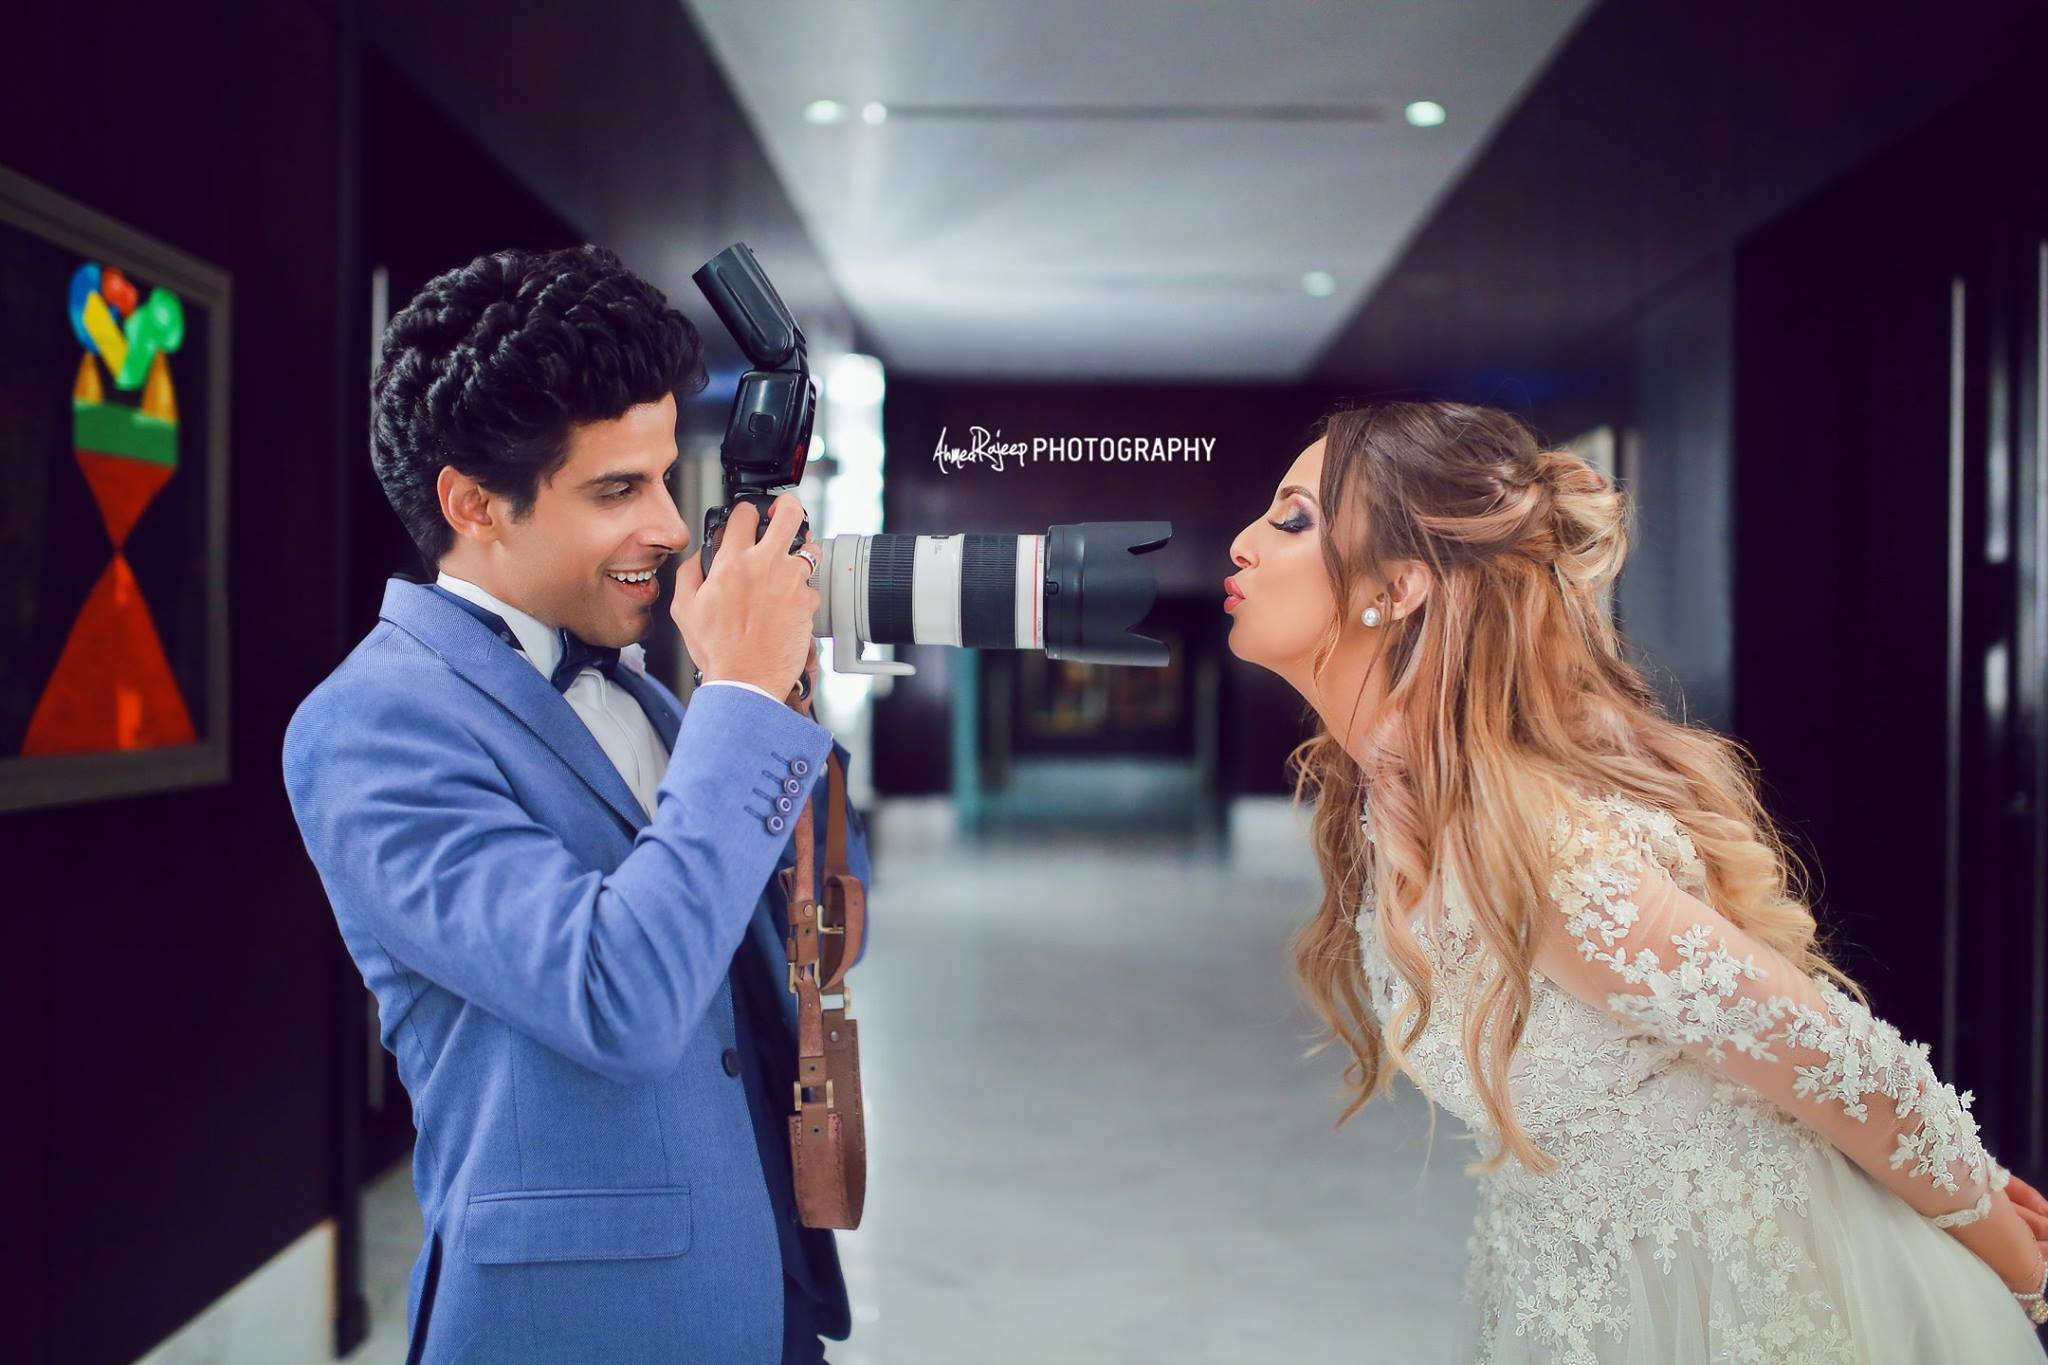 جلسة تصوير حفل زفاف حمدى الميرغنى واسراء عبد الفتاح (6)